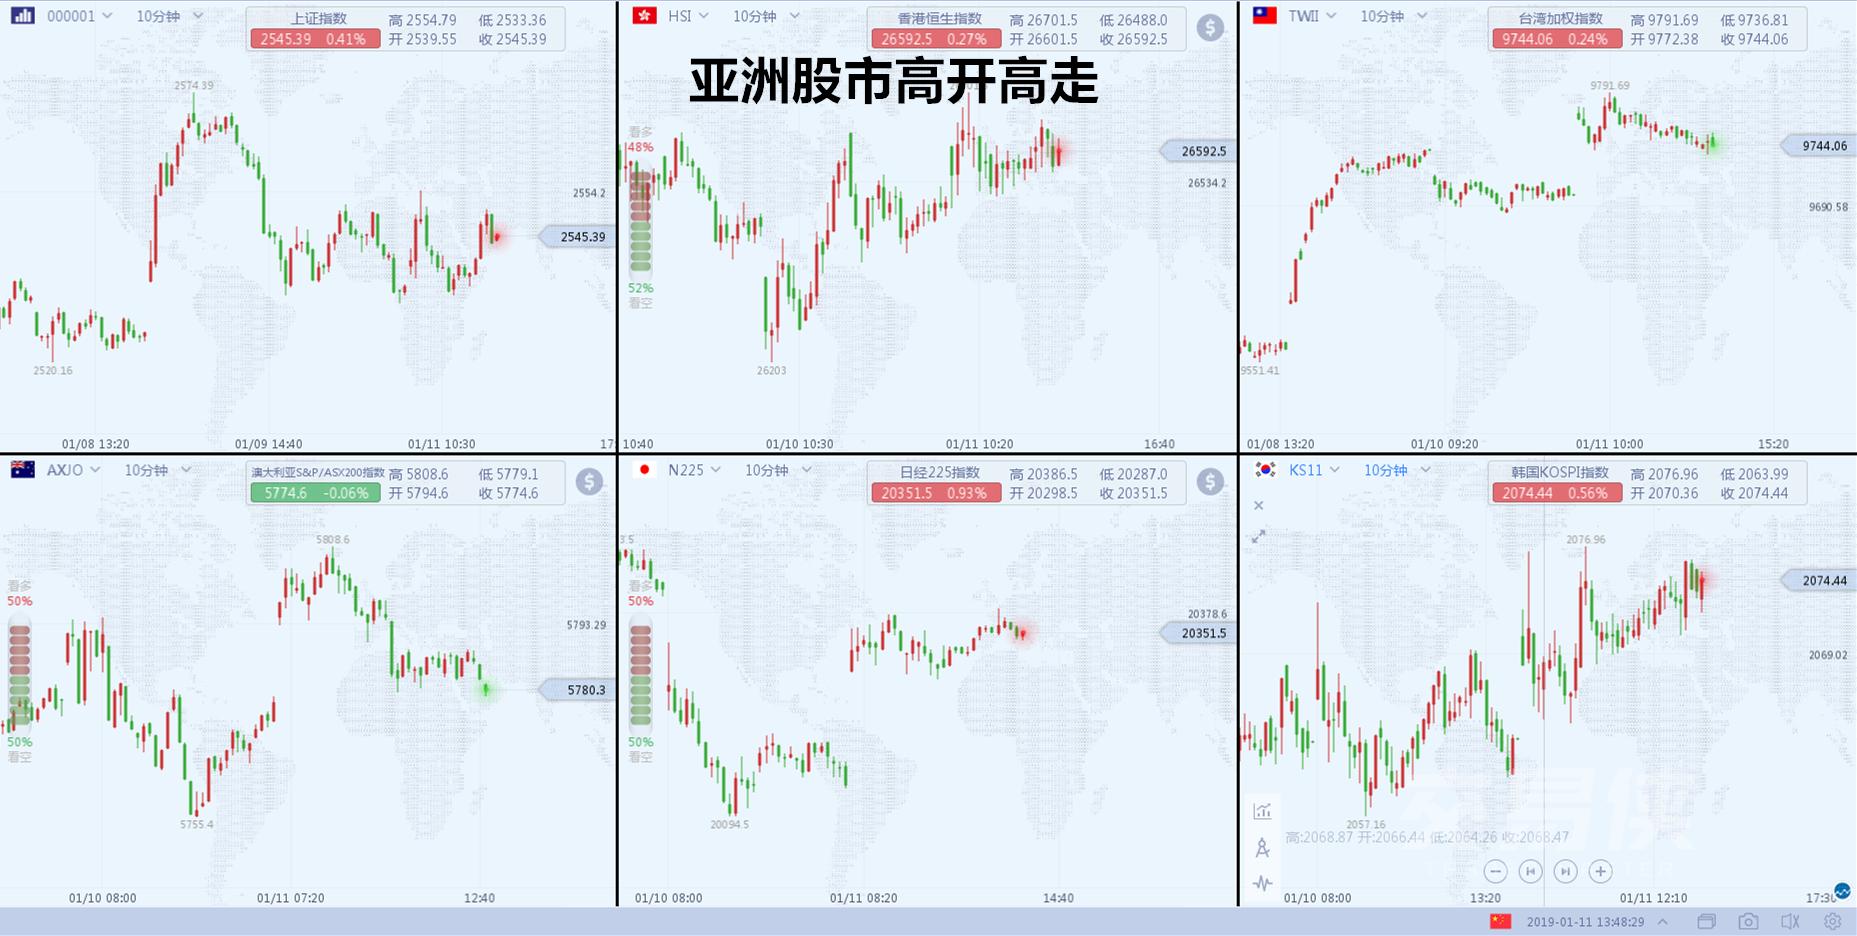 """人民币上涨逾千点亚太股市纷纷翻红美联储释放""""鸽派""""信号?"""